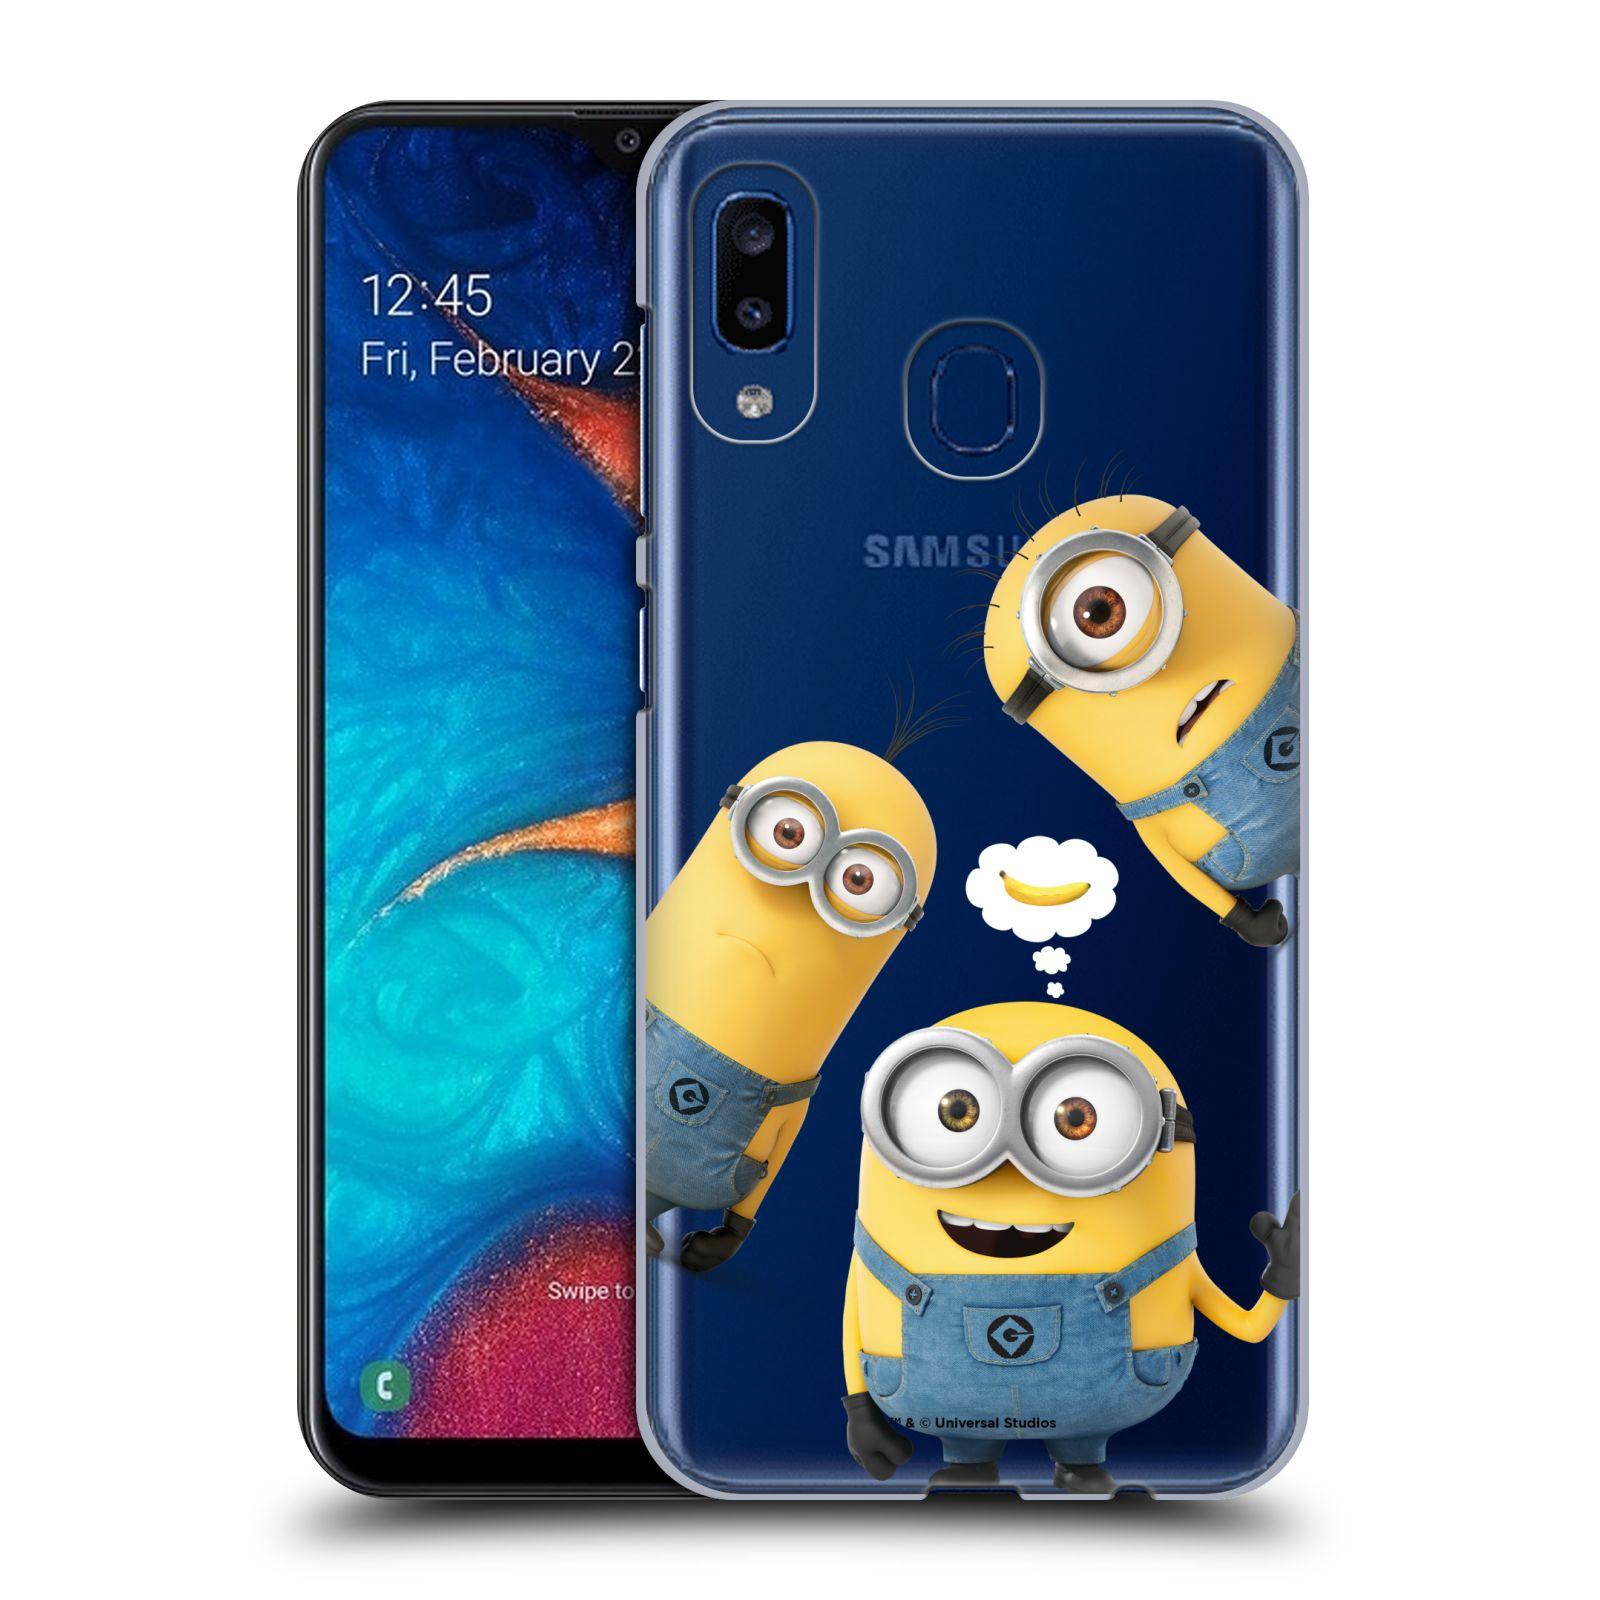 Plastové pouzdro na mobil Samsung Galaxy A20 - Head Case - Mimoni Banana z filmu Já, padouch - Despicable Me